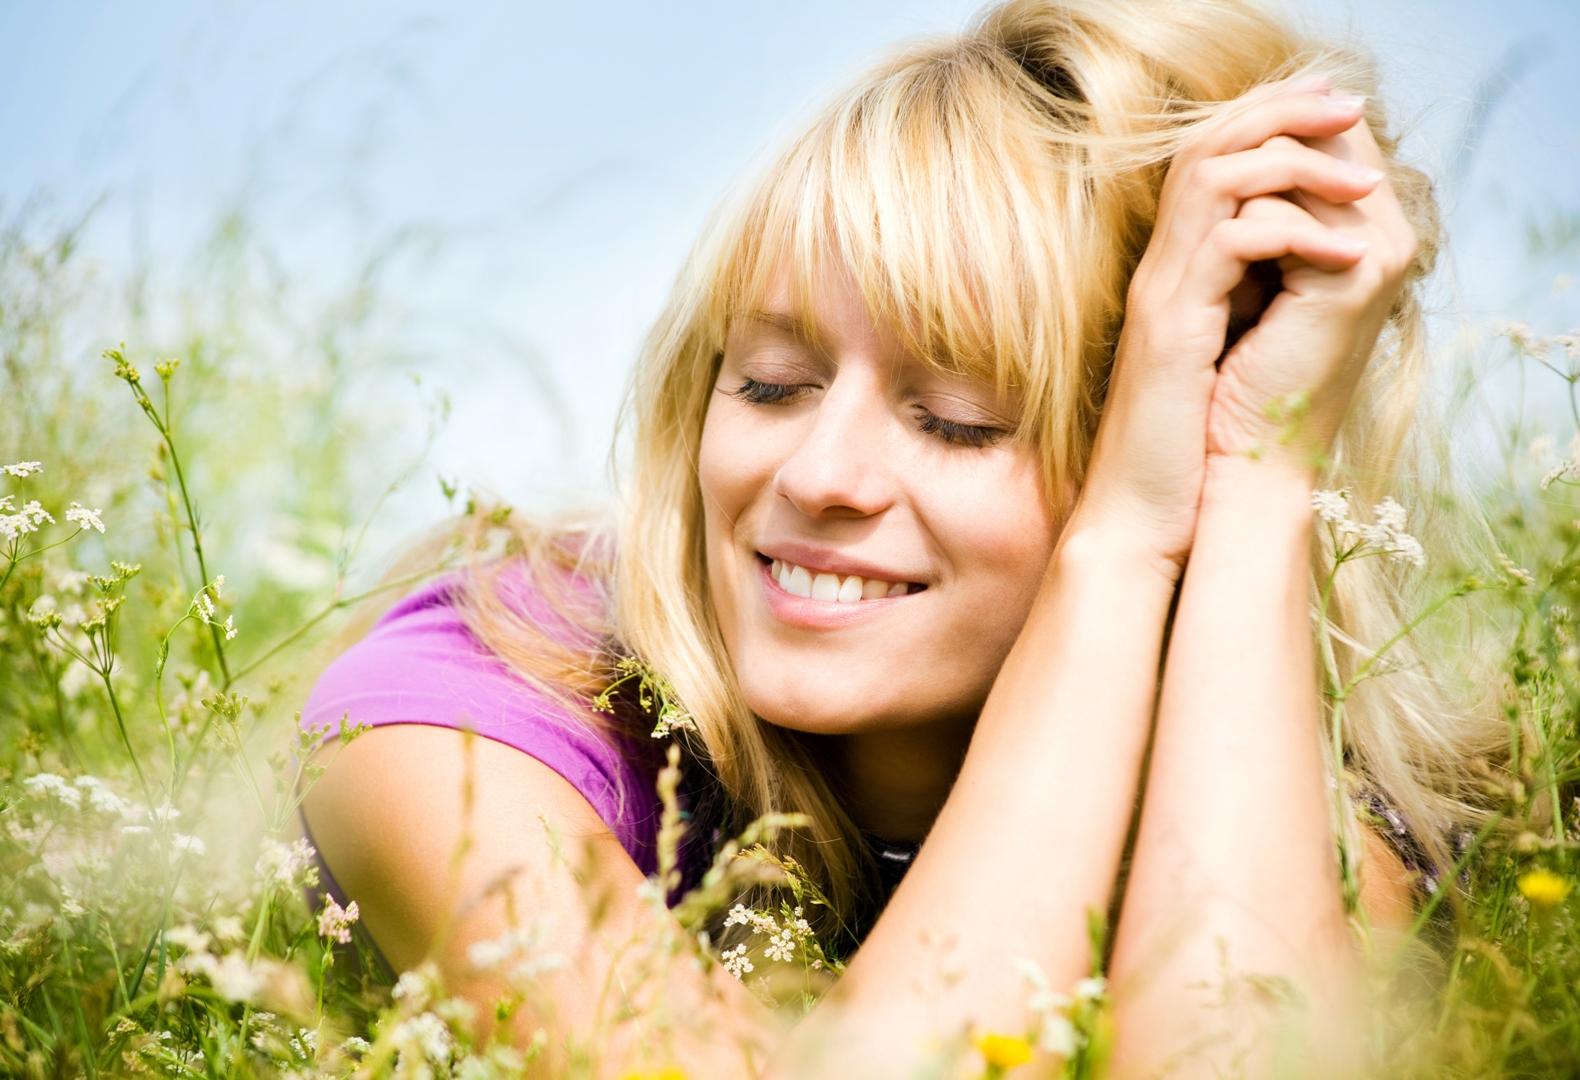 Resultado de imagem para DICAS TERAPÊUTICAS - Como ser uma pessoa melhor no dia a dia - (7 PASSOS)